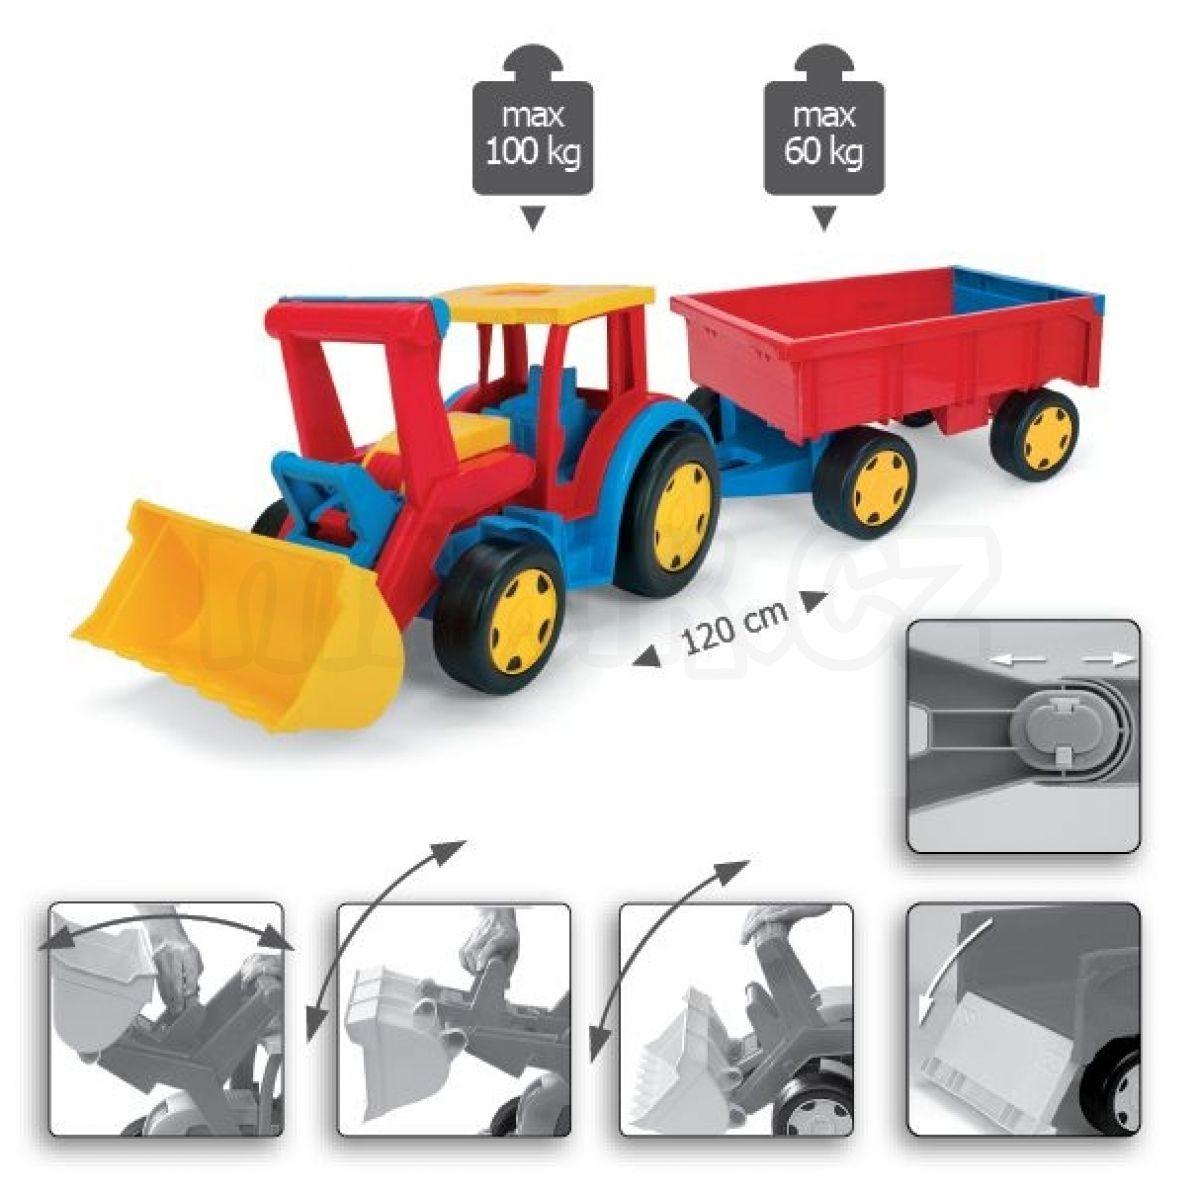 Wader gigant traktor s nakladačem a vlekem maxíkovy hračky